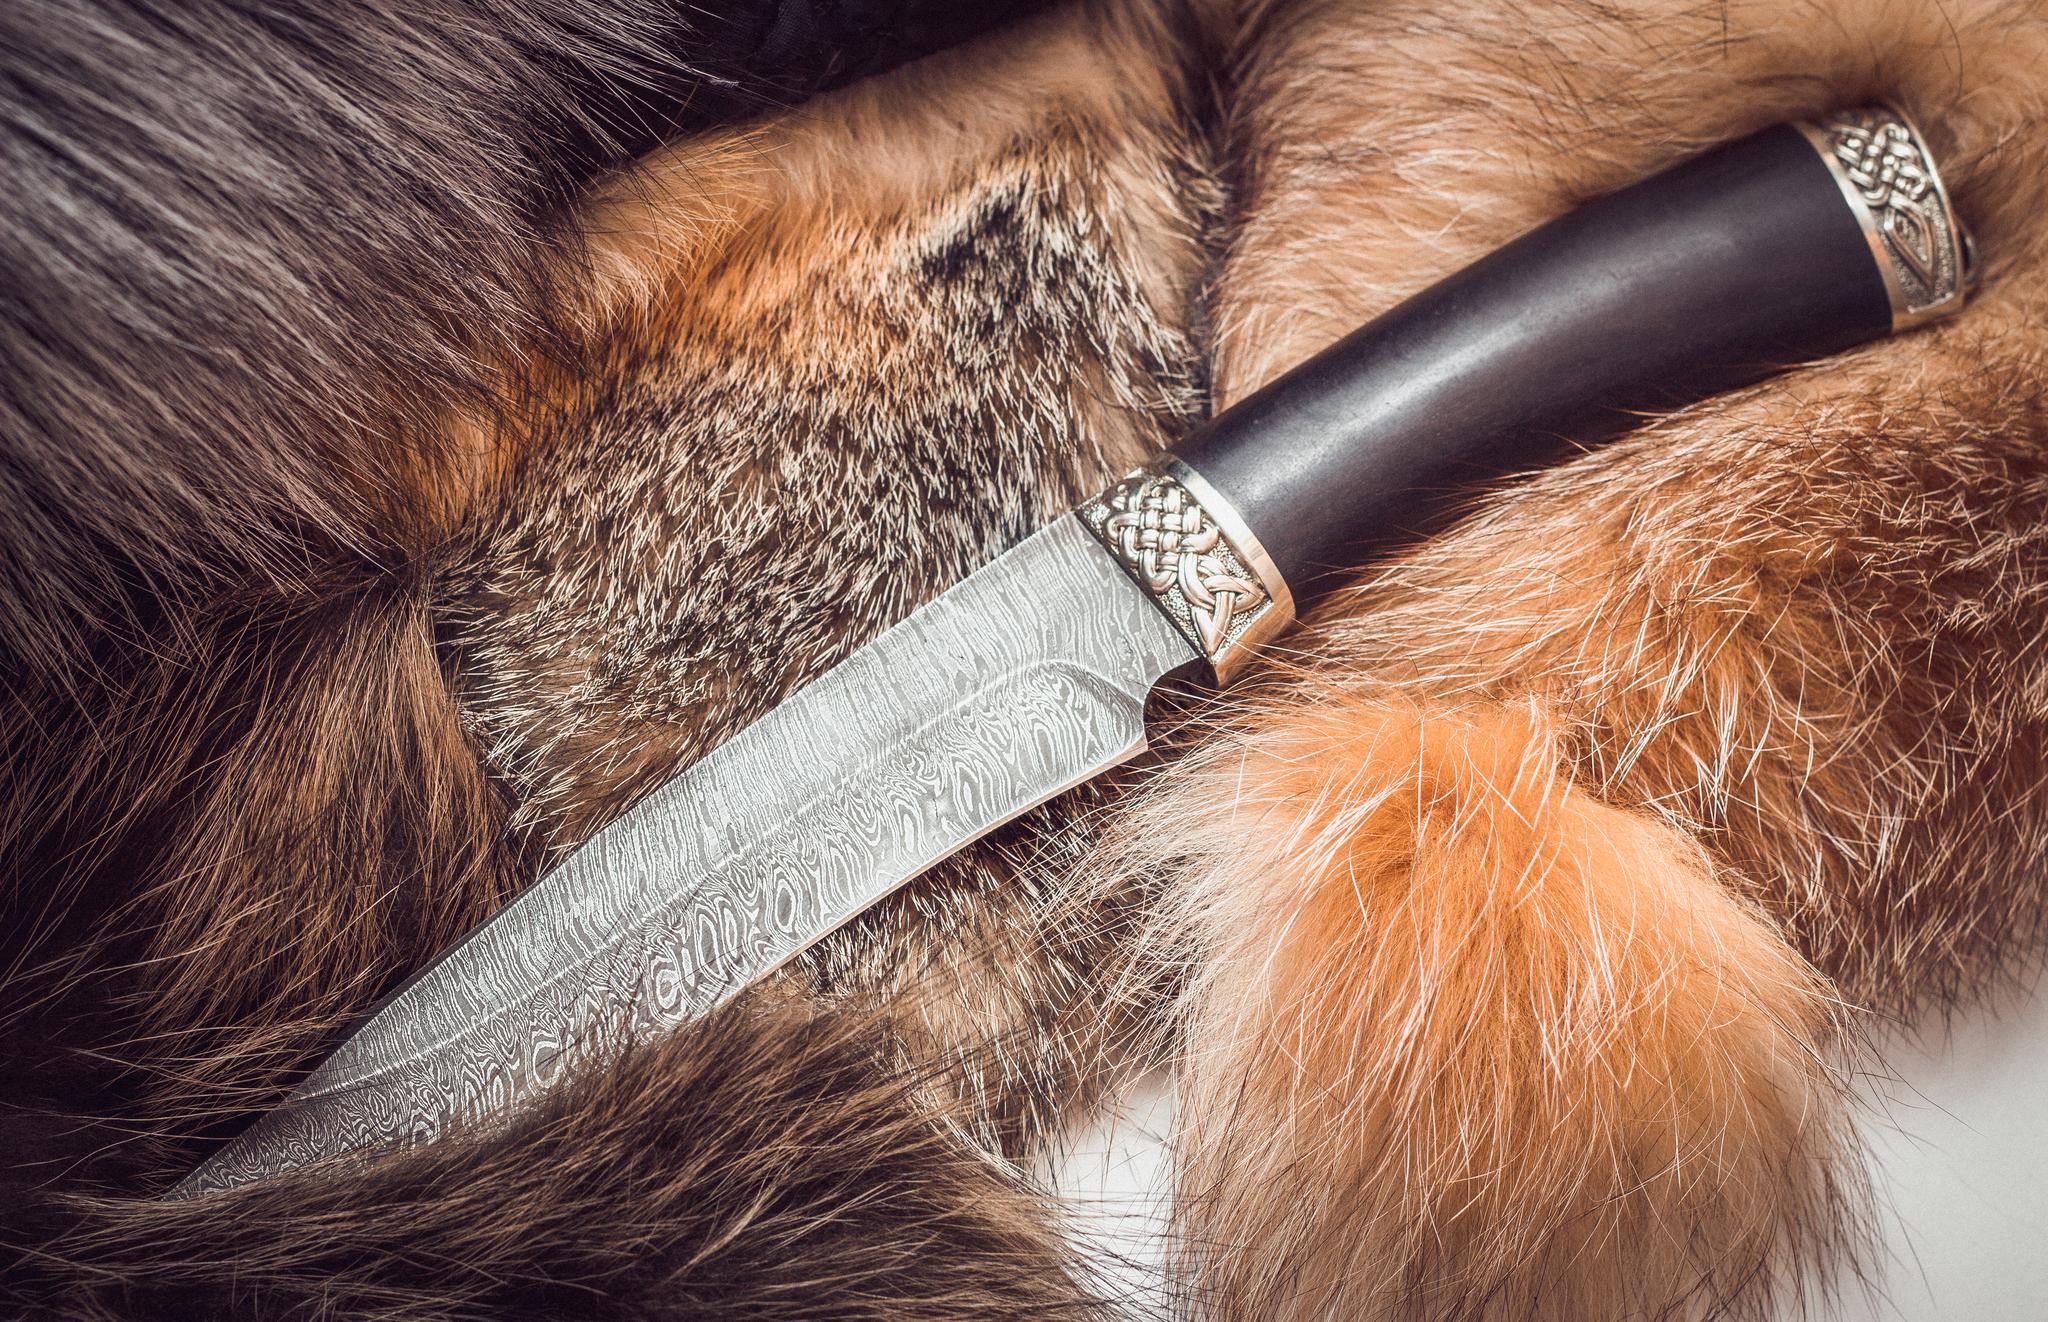 Нож из дамасской стали Мурена, мельхиорНожи Ворсма<br>Нож из дамасской стали.Рукоять ножа изготовлена из темного граба. Притины отлиты из мельхиора, имеют высокую прочность и долговечность, не тускнеют в ходе эксплуатации.<br>